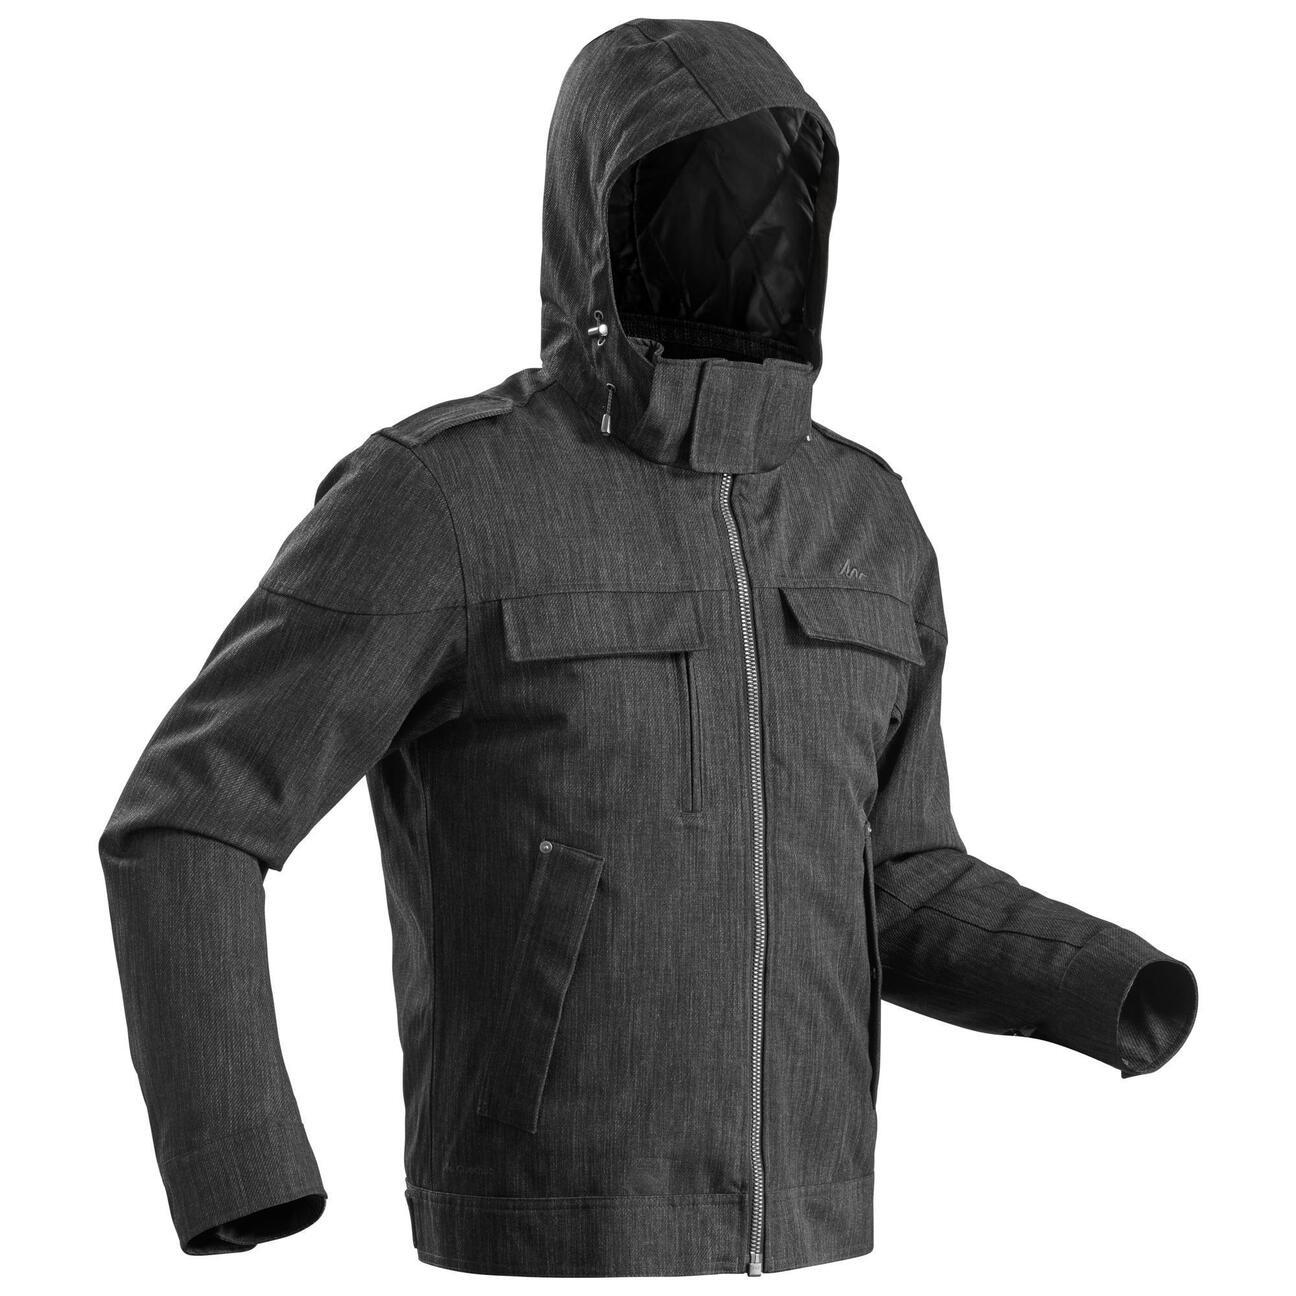 Veste chaude imperméable de randonnée neige Quechua SH500 X-Warm pour Homme - Tailles XL & 2XL